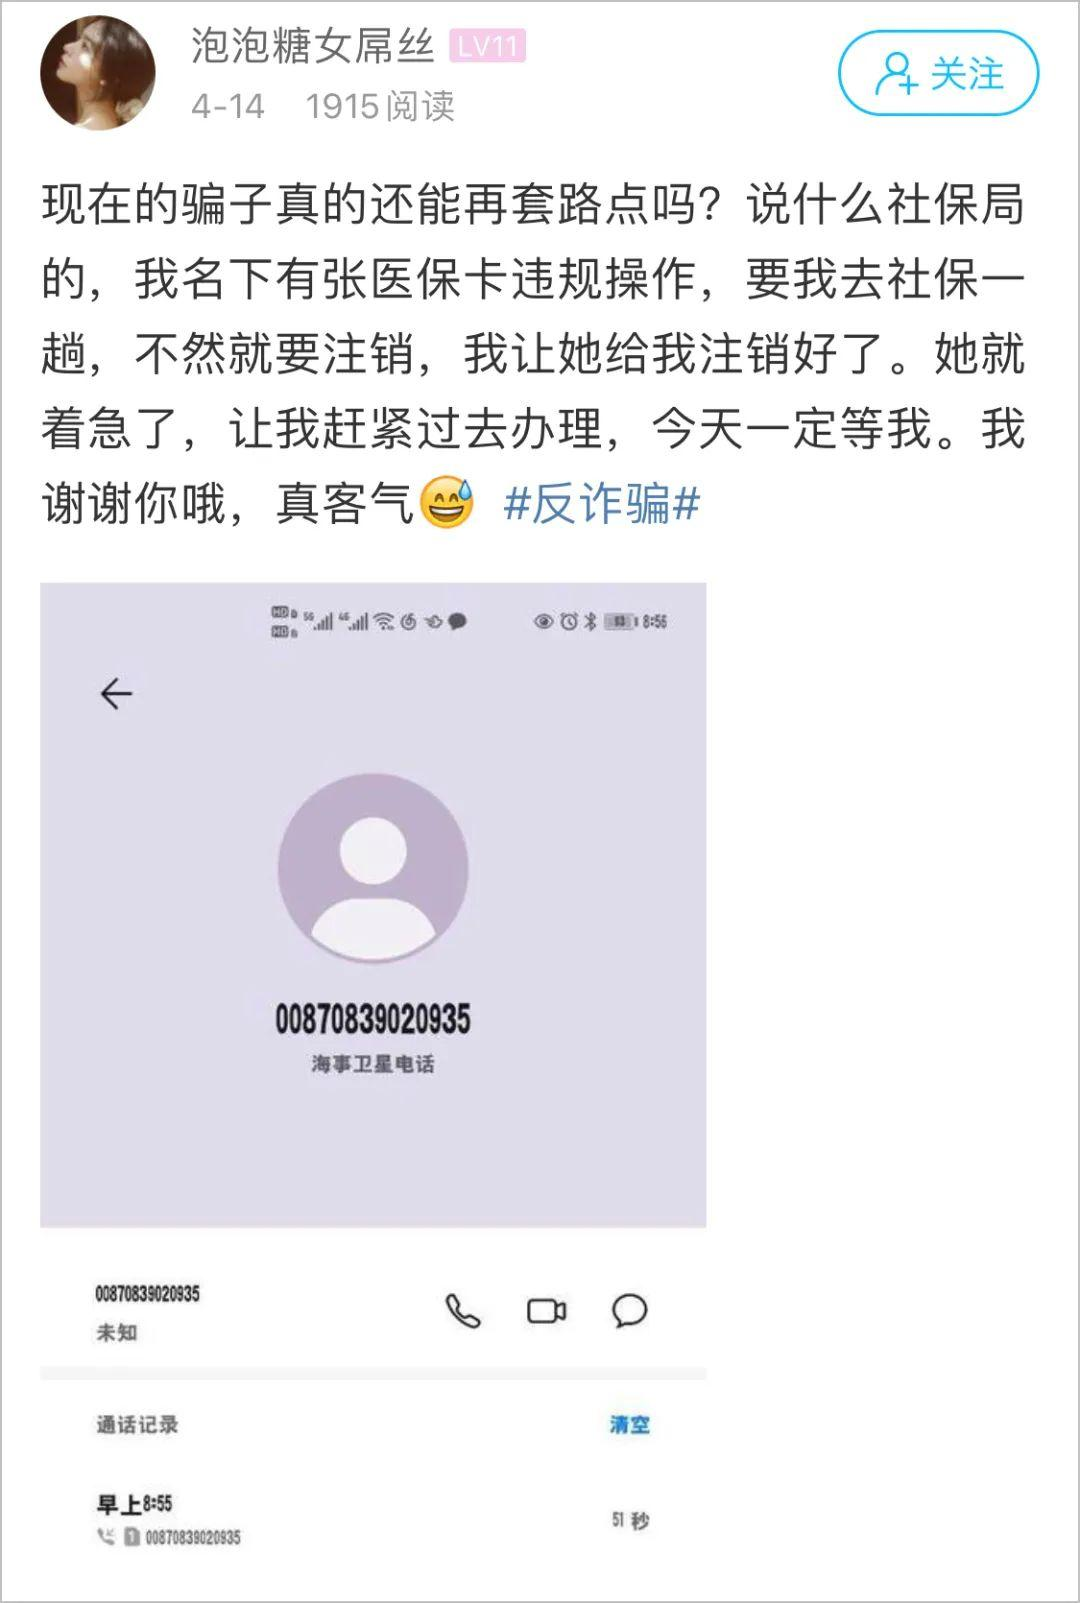 警惕:最近接到社保诈骗电话!杭州社会保障·市民卡不存在重复开卡情况!